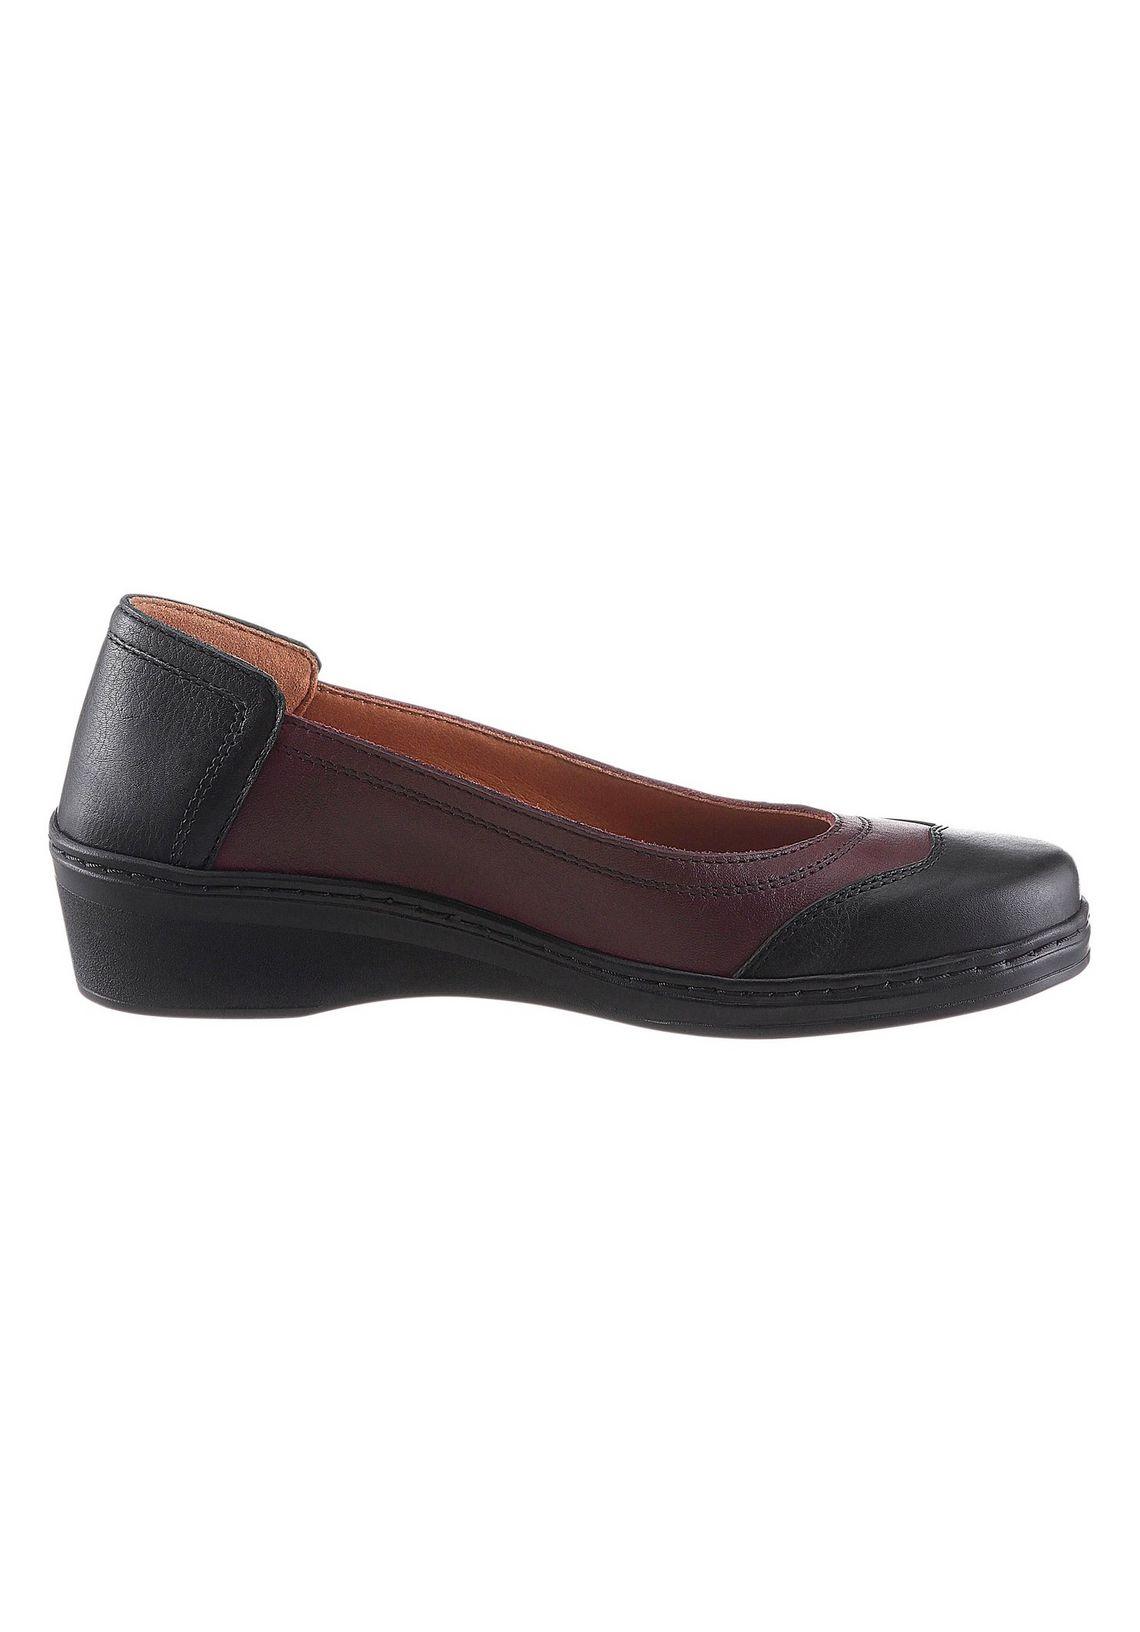 Valmonte ballerina's met verwisselbaar voetbed? Bestel nu bij  zwart/bordeaux